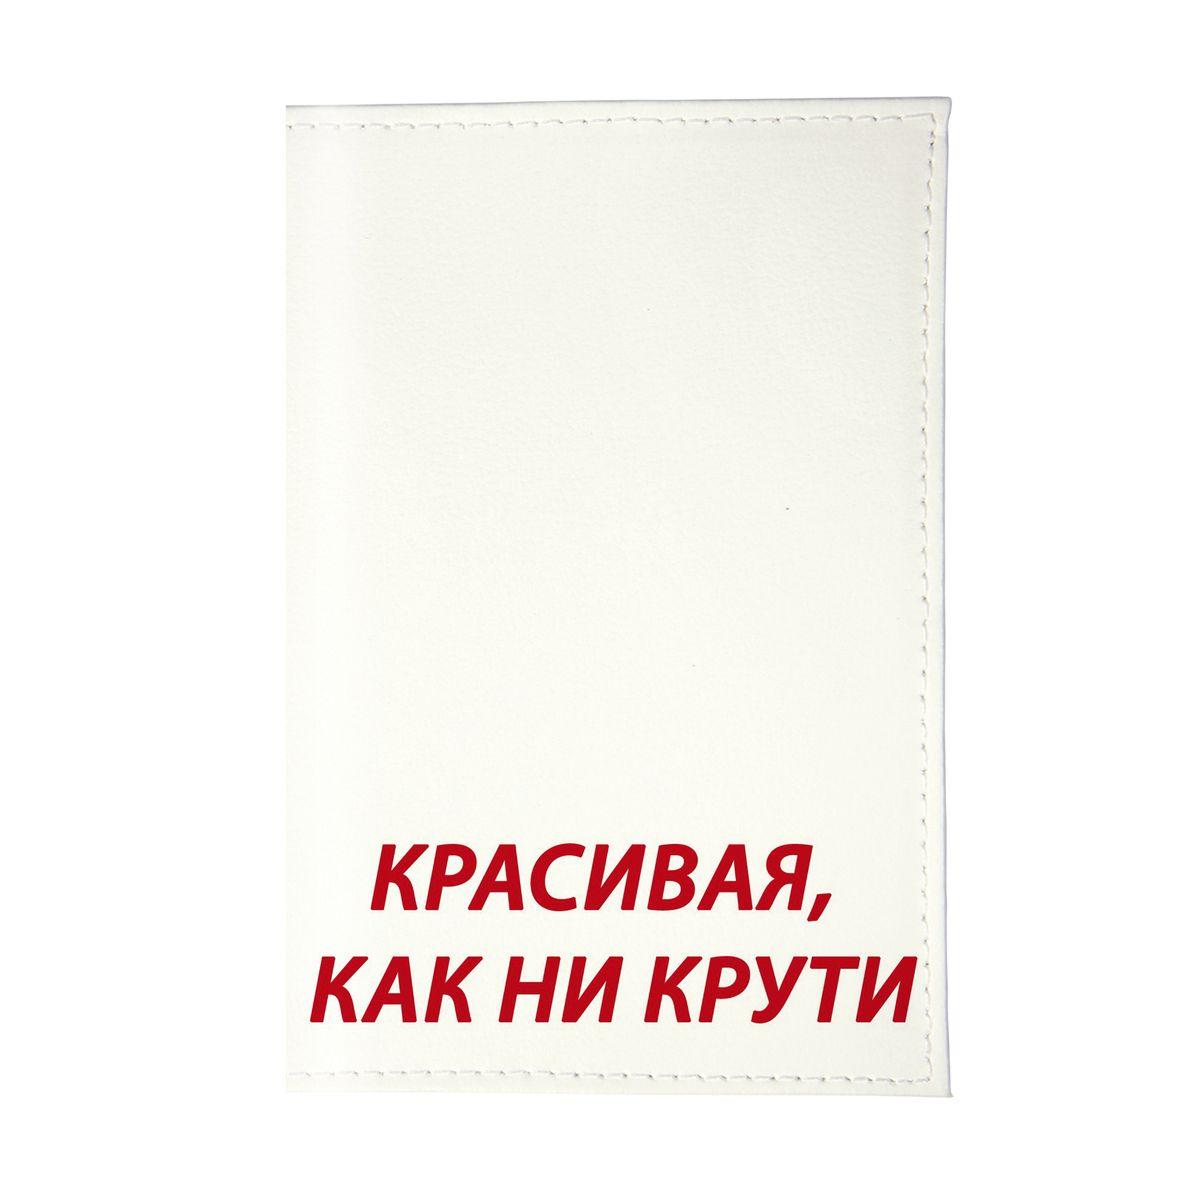 Обложка для автодокументов Красивая, как ни крути. AUTOZAM144595.46BD.10 RedСтильная обложка для автодокументов Mitya Veselkov не только поможет сохранить внешний вид ваших документов и защитить их от повреждений, но и станет стильным аксессуаром, идеально подходящим вашему образу.Она выполнена из ПВХ, внутри имеет съемный вкладыш, состоящий из шести файлов для документов, один из которых формата А5.